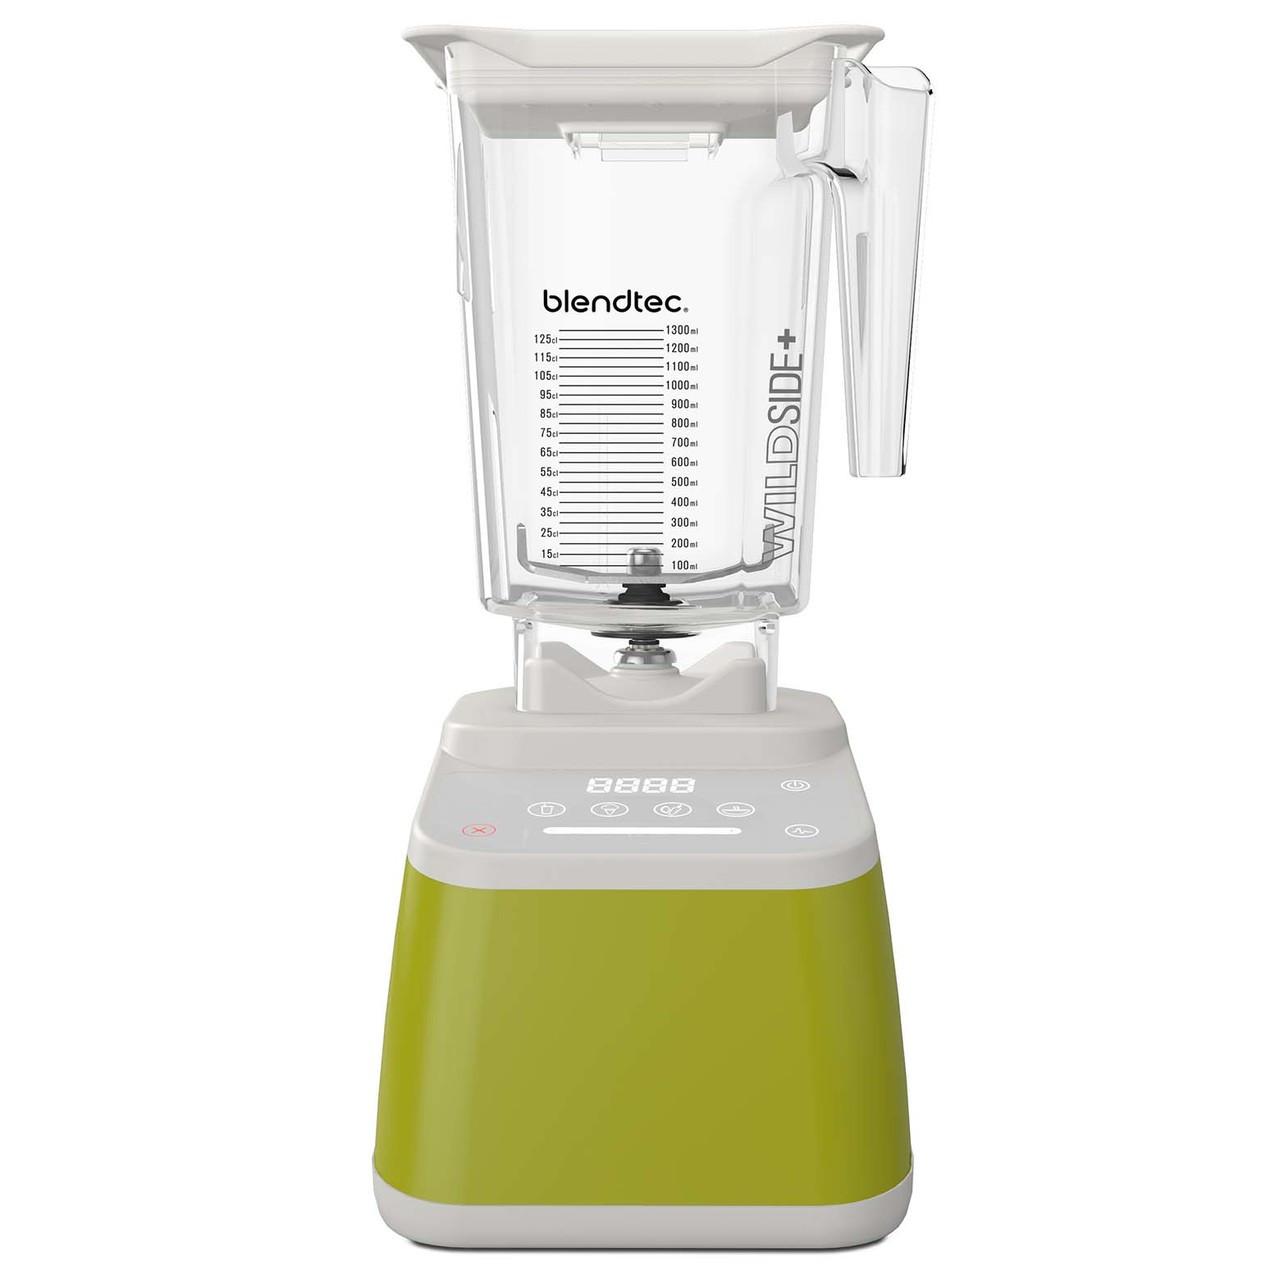 Blendtec Designer 625 Blender in Green